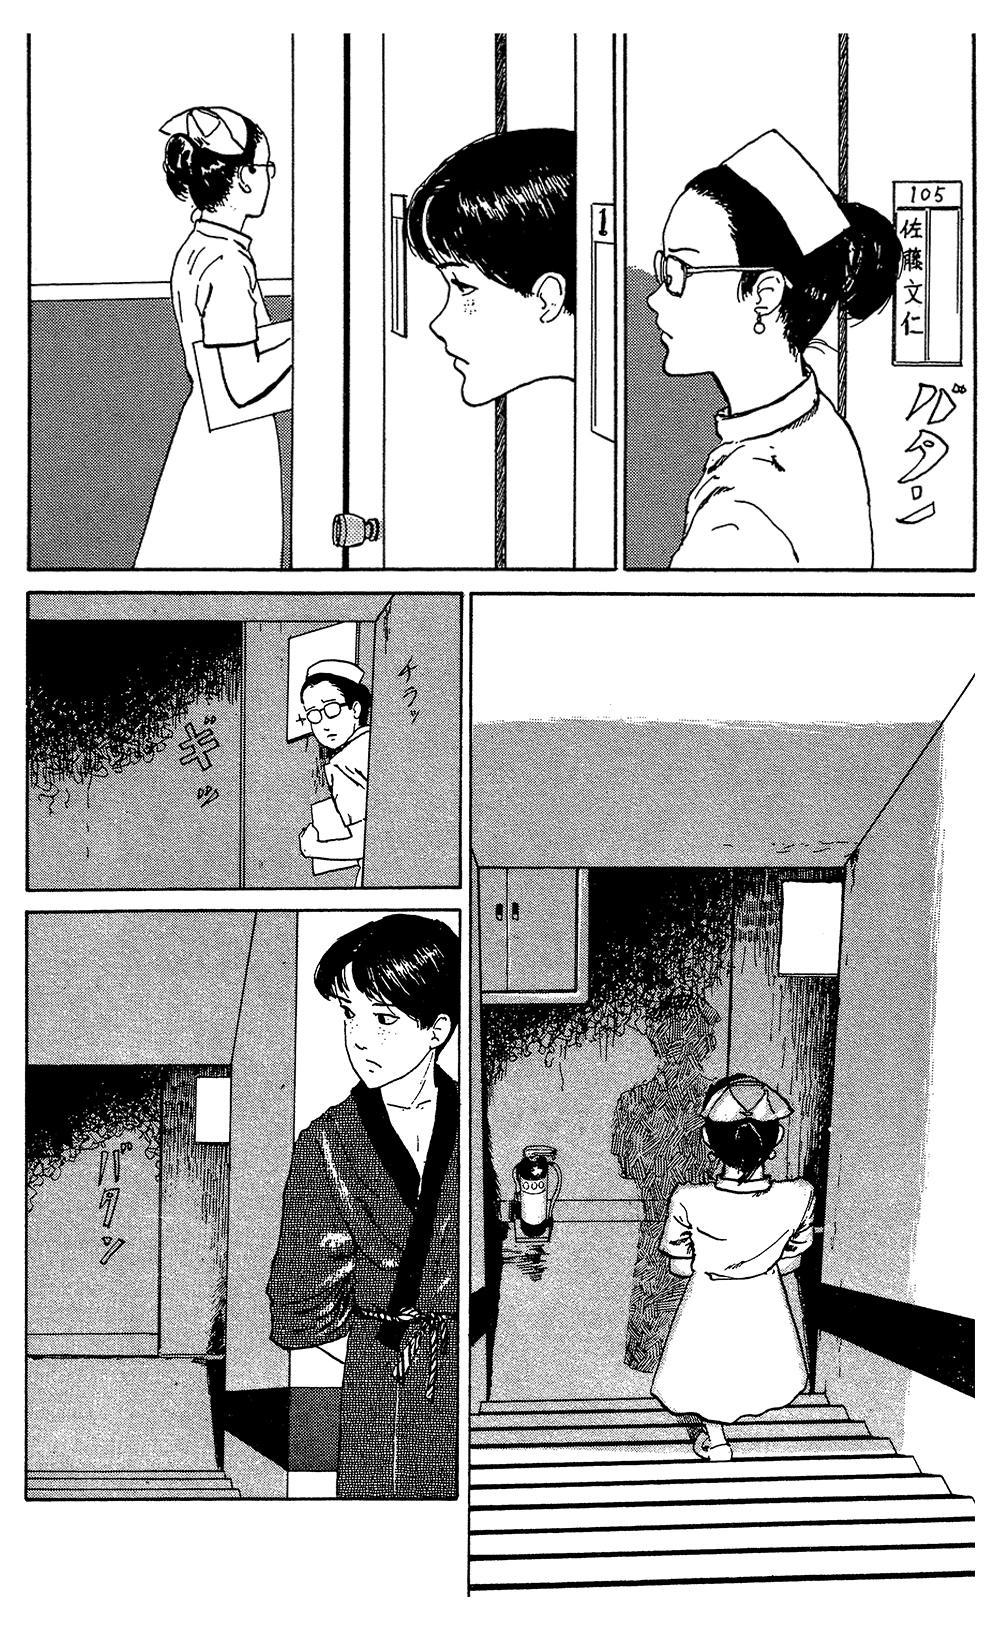 伊藤潤二傑作集 第3話「富江 地下室」①junji06-04.jpg